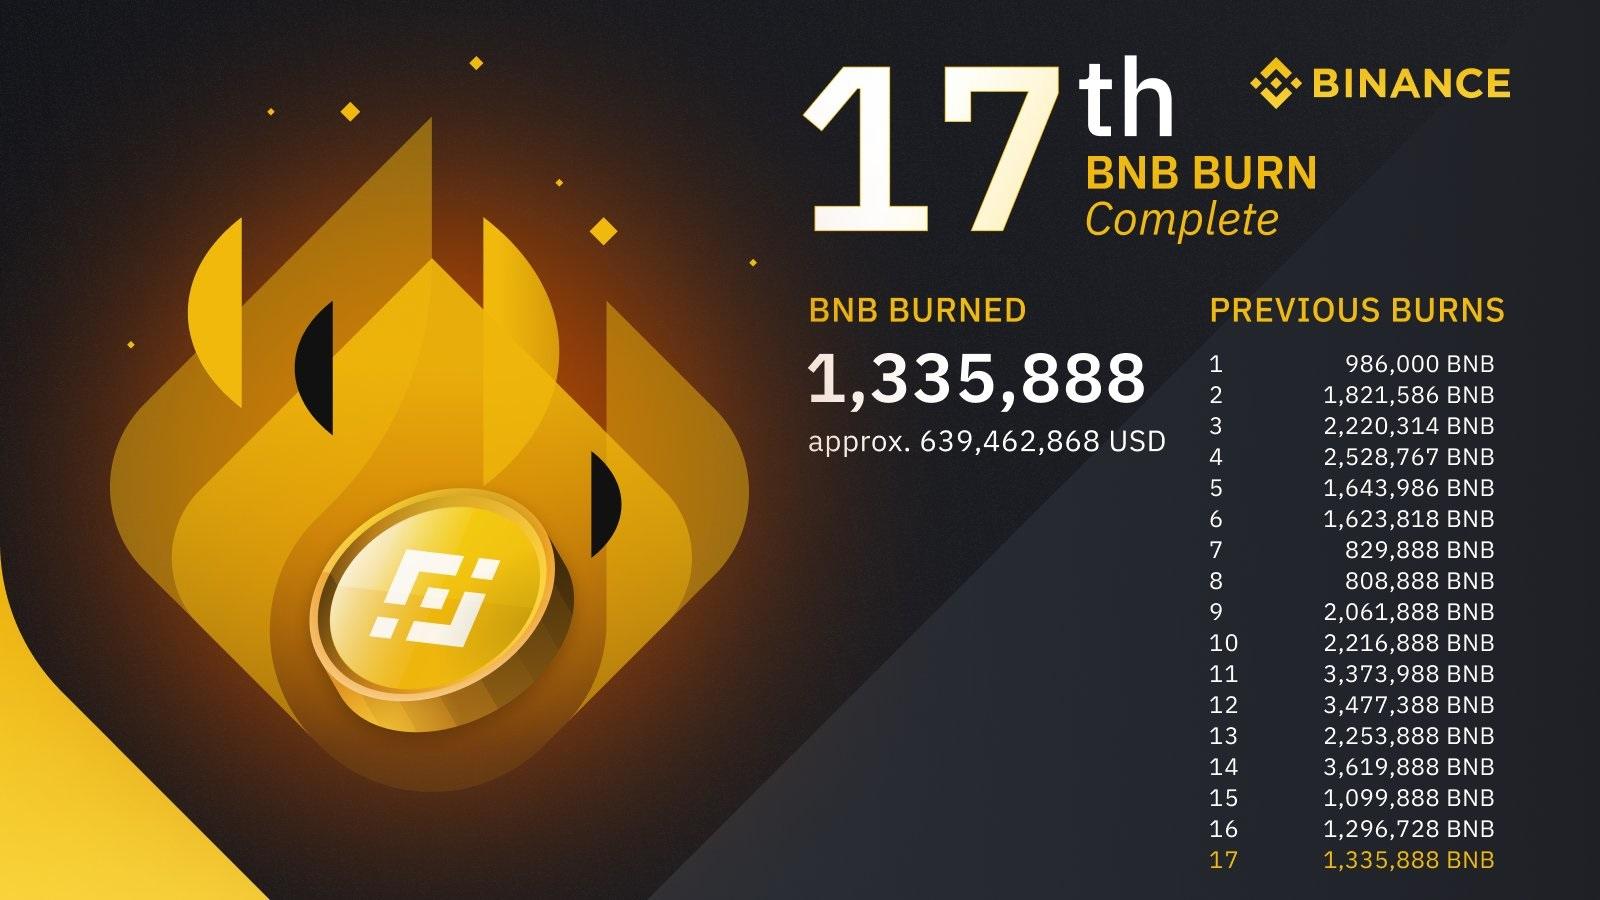 Binance tiếp tục lập kỷ lục với lần đốt BNB thứ 17